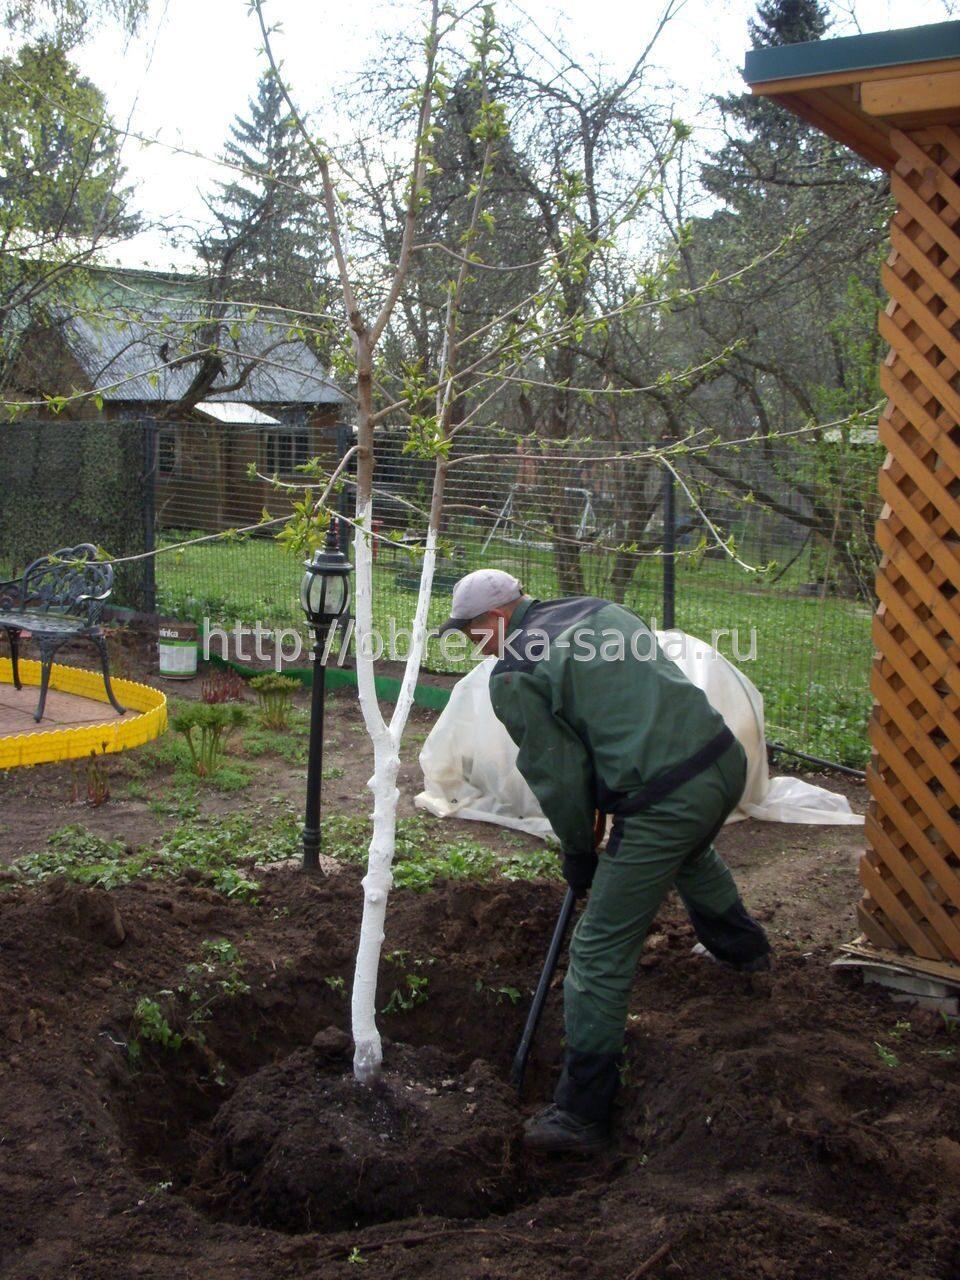 Как правильно посадить грушу. Когда сажать грушу. - Супер Дачник 97